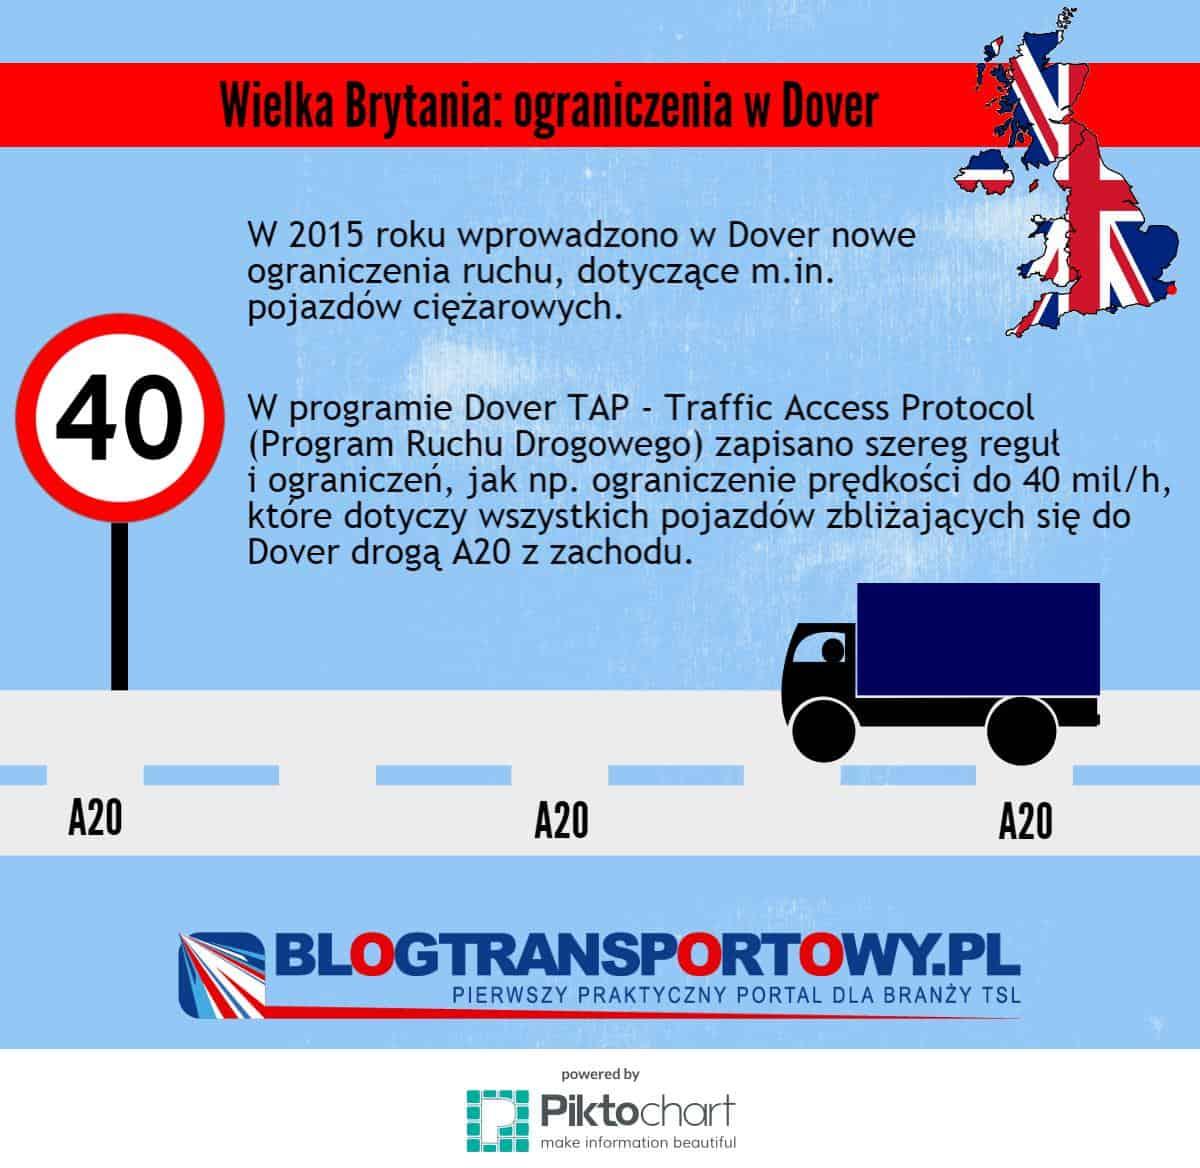 W 2015 roku wprowadzono w Dover nowe ograniczenia ruchu, dotyczące m.in. pojazdów ciężarowych.